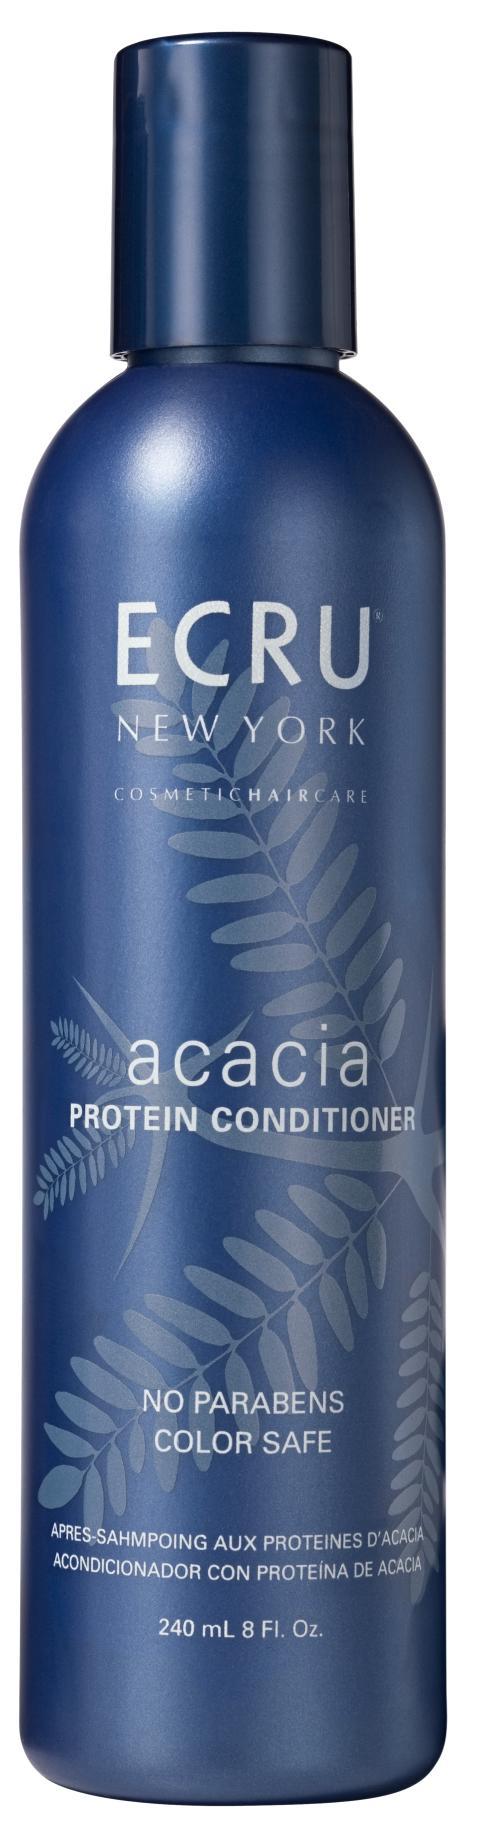 Acacia Protein Conditioner